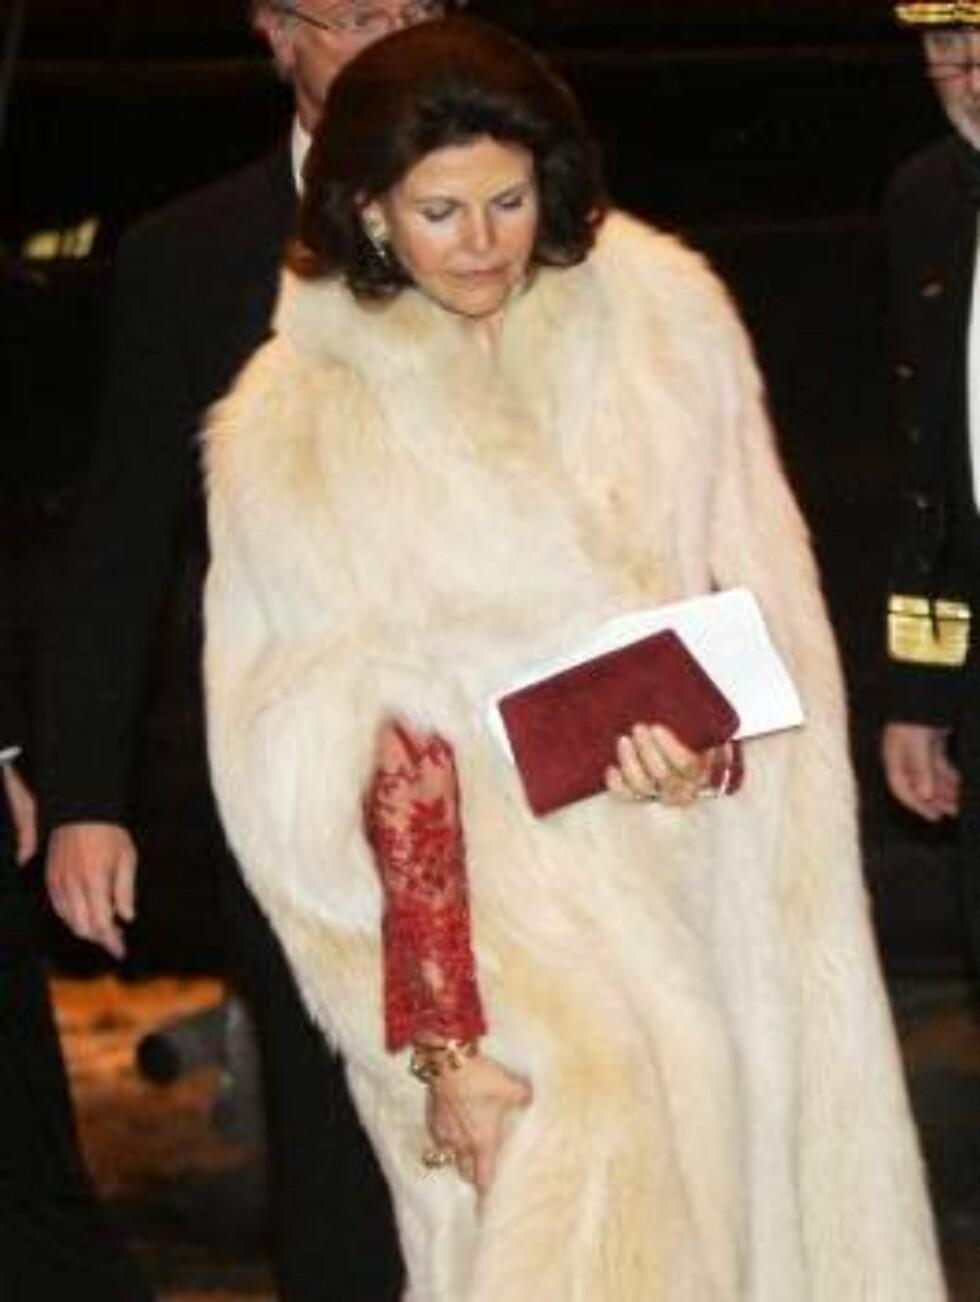 OSLO 20070223: Dronning Sivlia og kong Carl Gustaf av Sverige forlater festforestillingen i Oslo rådhus fredag kveld.  Foto: Lise Åserud / SCANPIX       Foto: SCANPIX